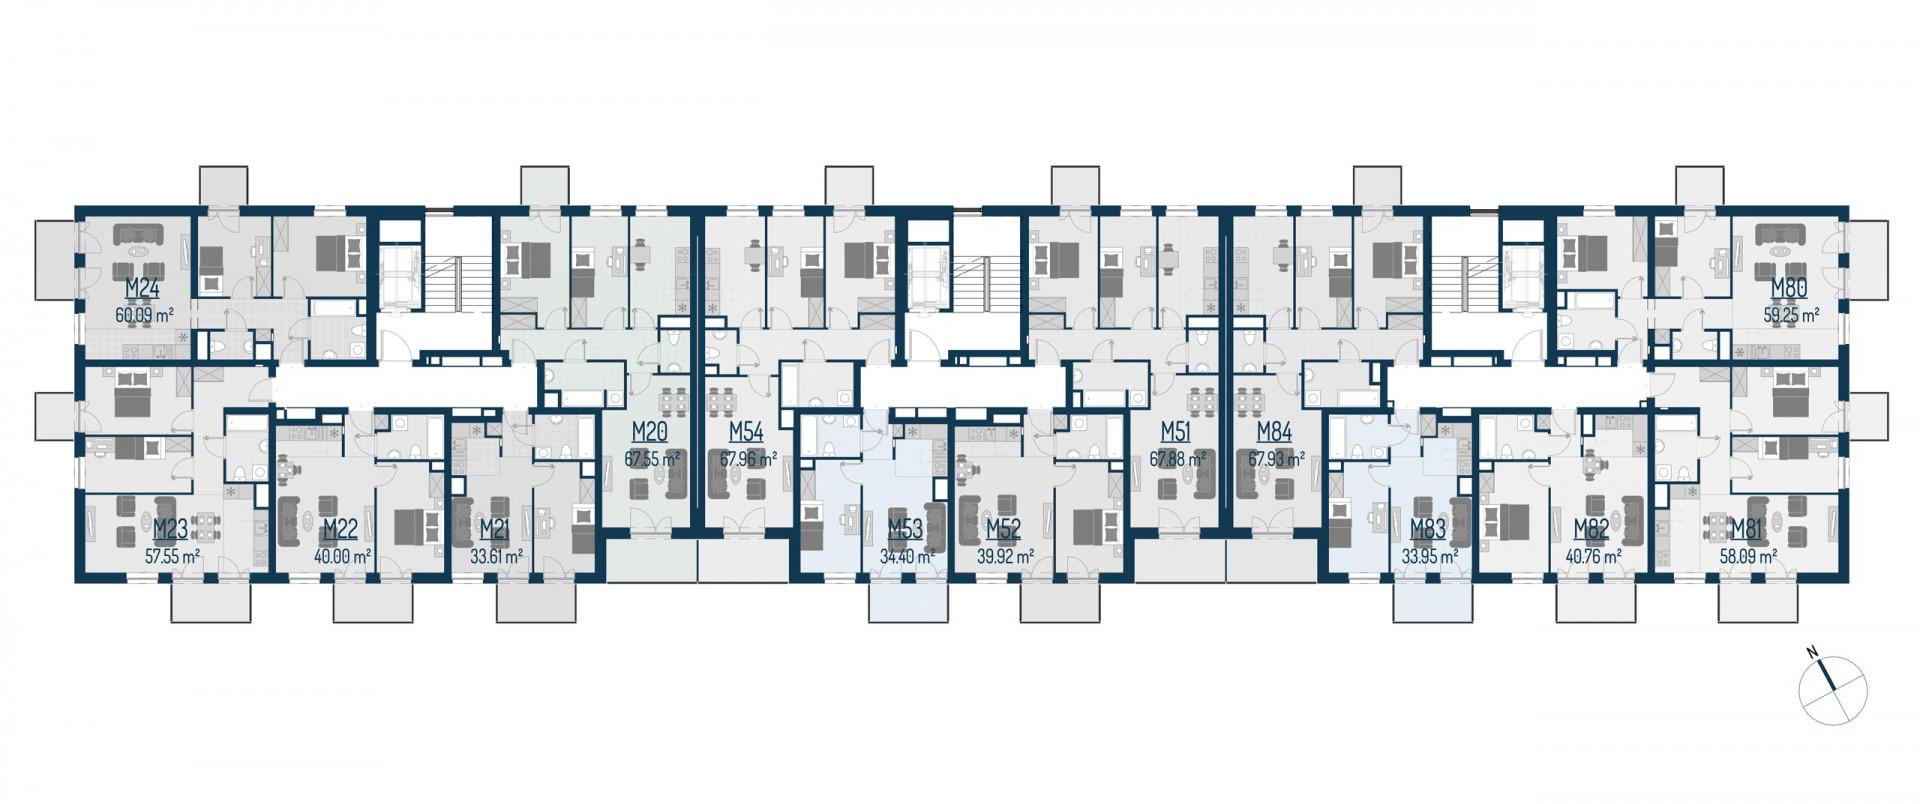 Zdrowe Stylove / budynek 1 / mieszkanie nr M24 rzut 2